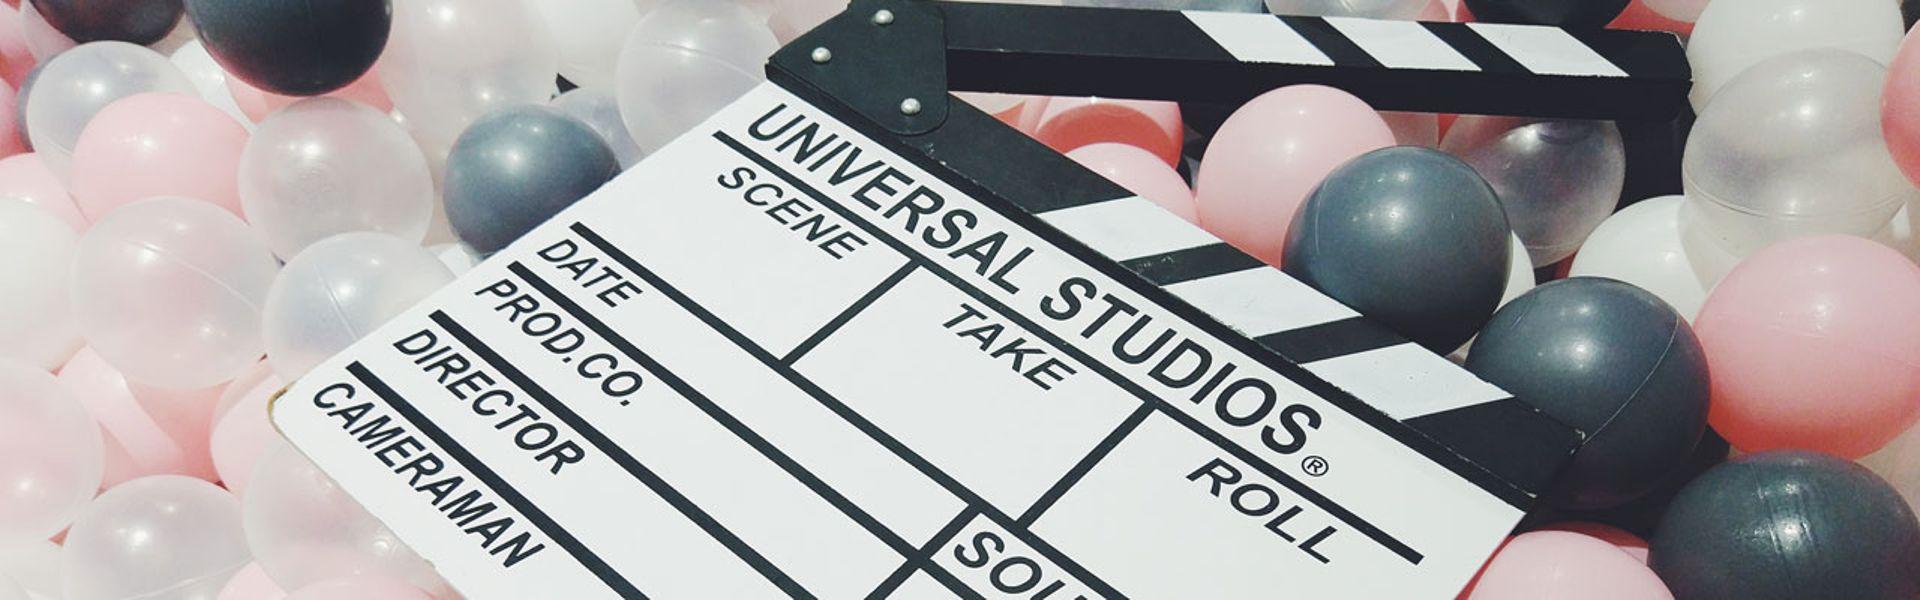 Citazioni su Film e TV